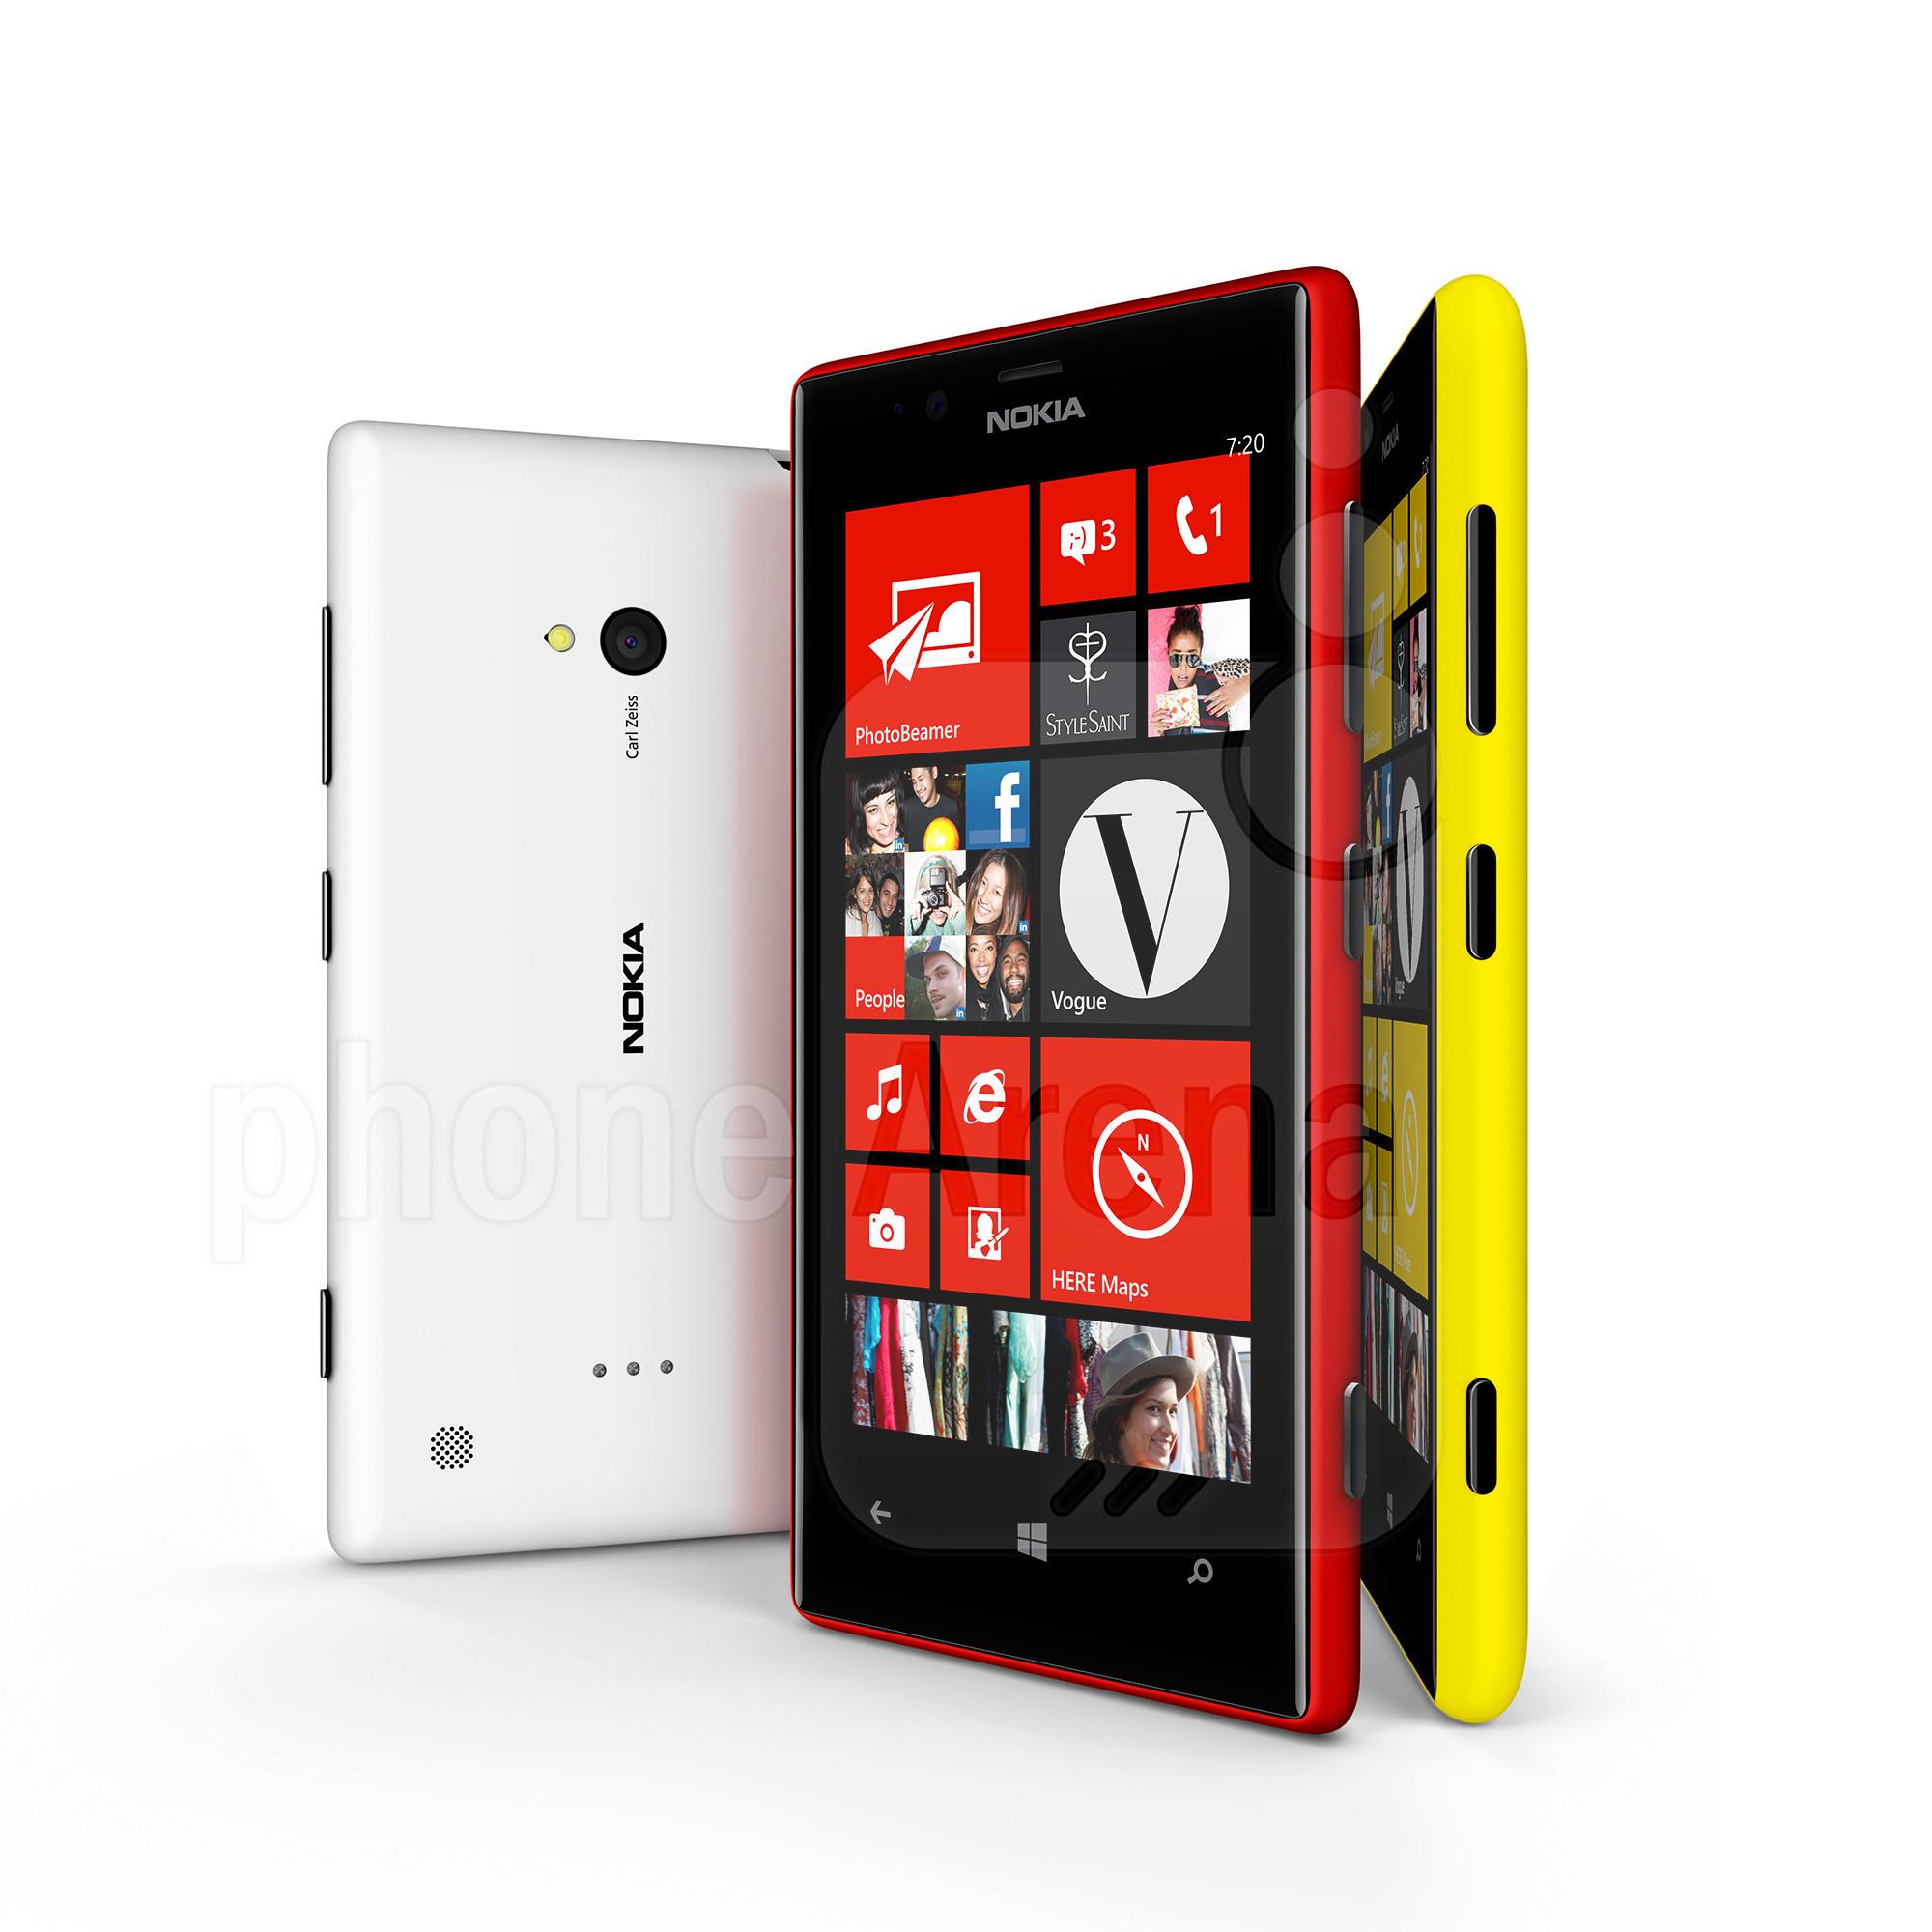 Nokia Nokia Lumia 720